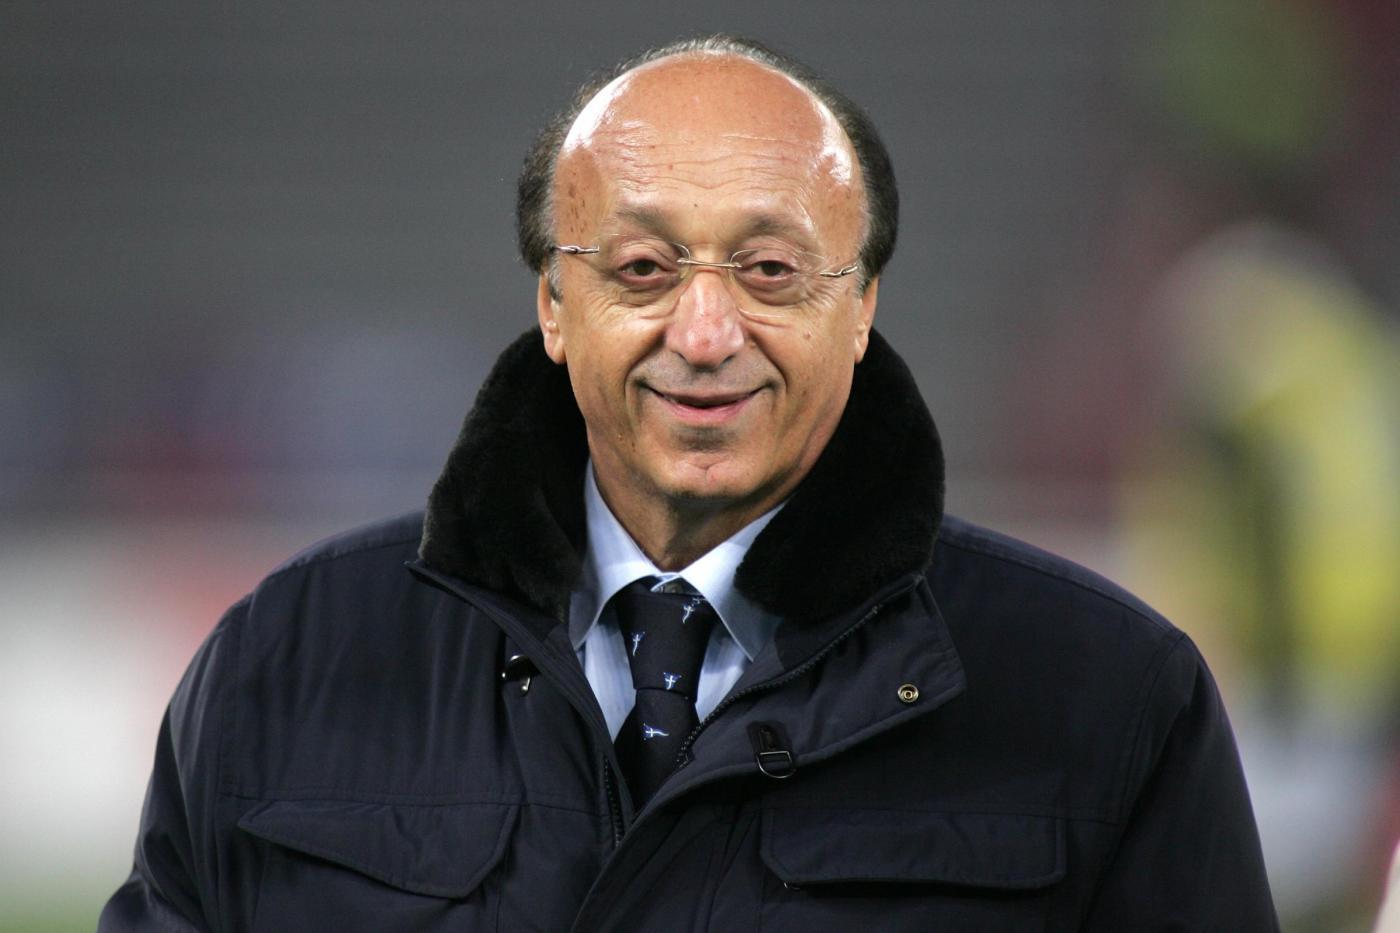 กัลโช่โปลี คดีฉาวแห่งวงการฟุตบอลอิตาลี คืออะไร ทำไมเรียกว่าล้มบอลไม่ได้